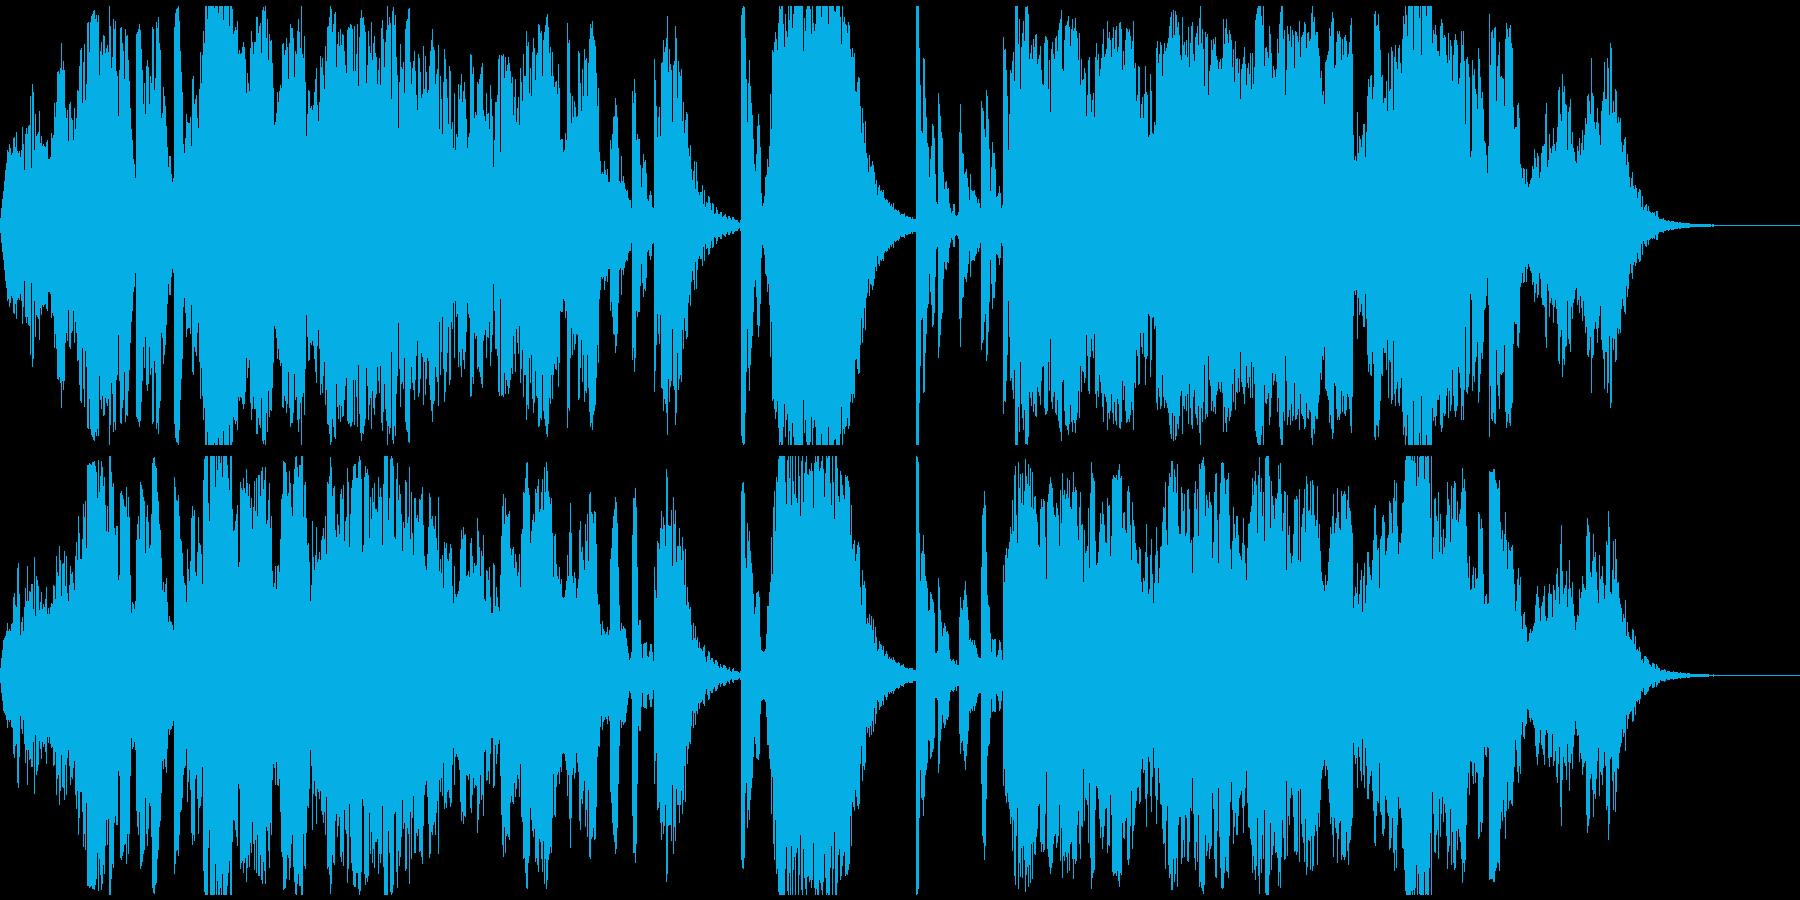 アジア的なヒーリング音楽(癒し,回想)の再生済みの波形